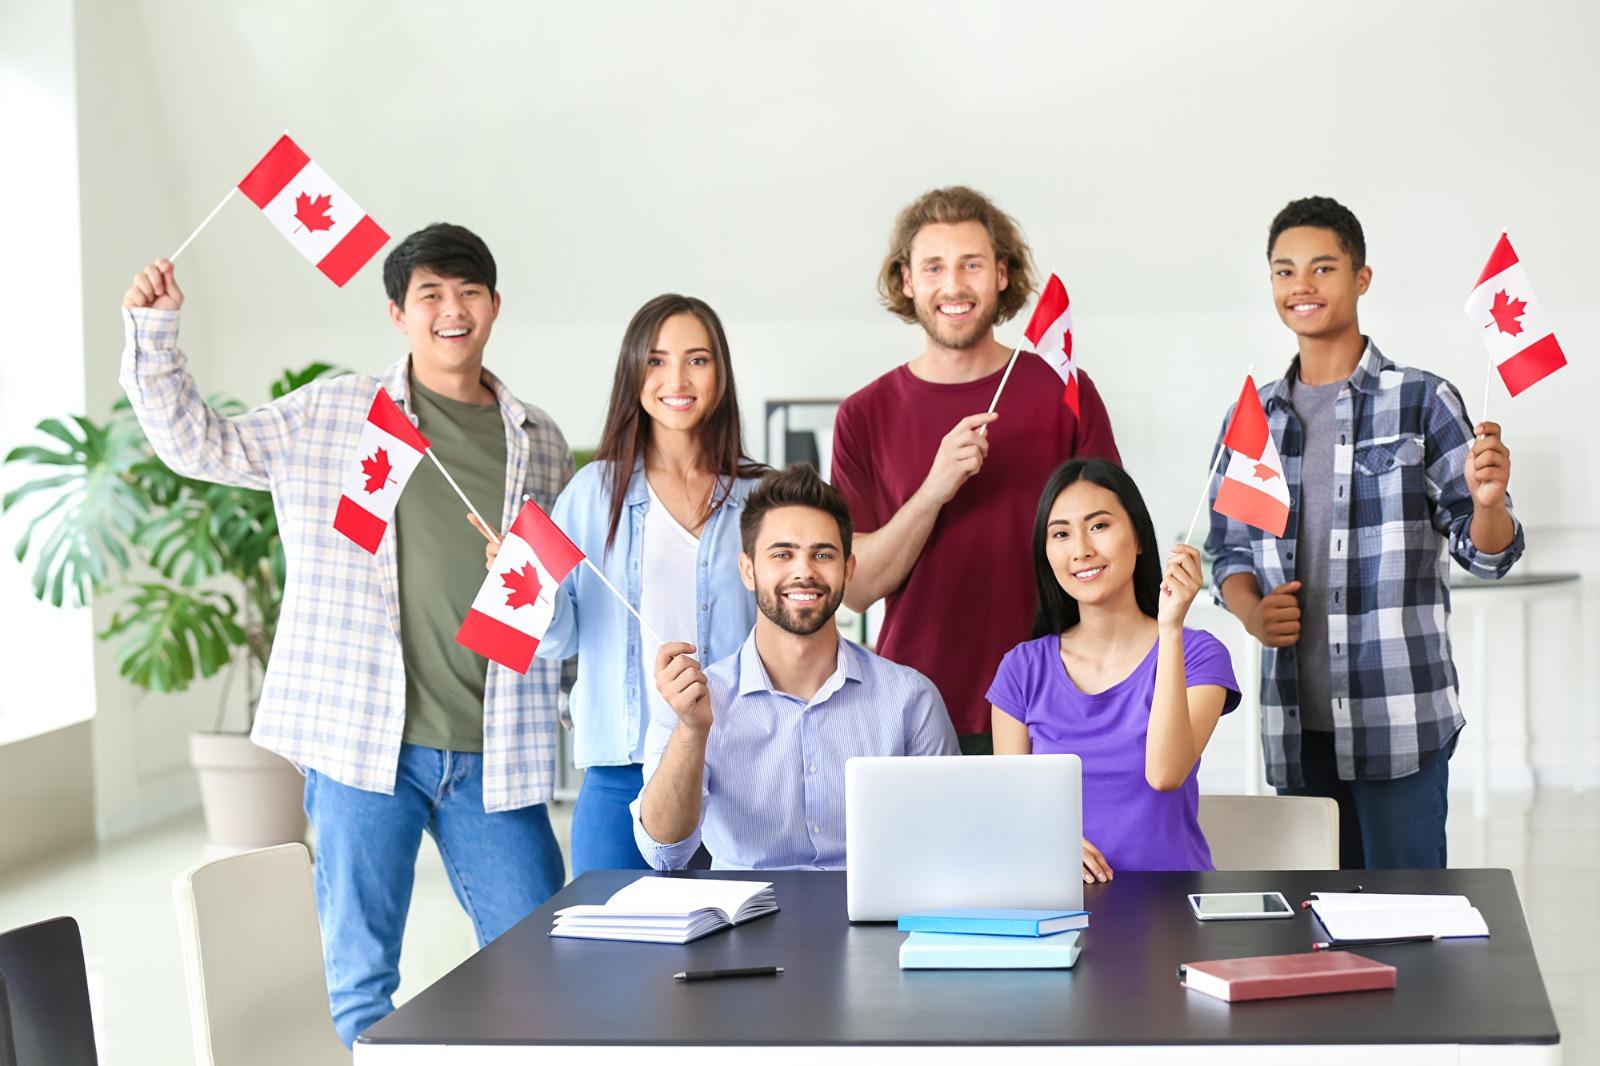 加拿大政府宣佈,將給予符合資格的香港人三年的工作簽證,使他們得以移民到當地進修或工作。示意圖。(Shutterstock)